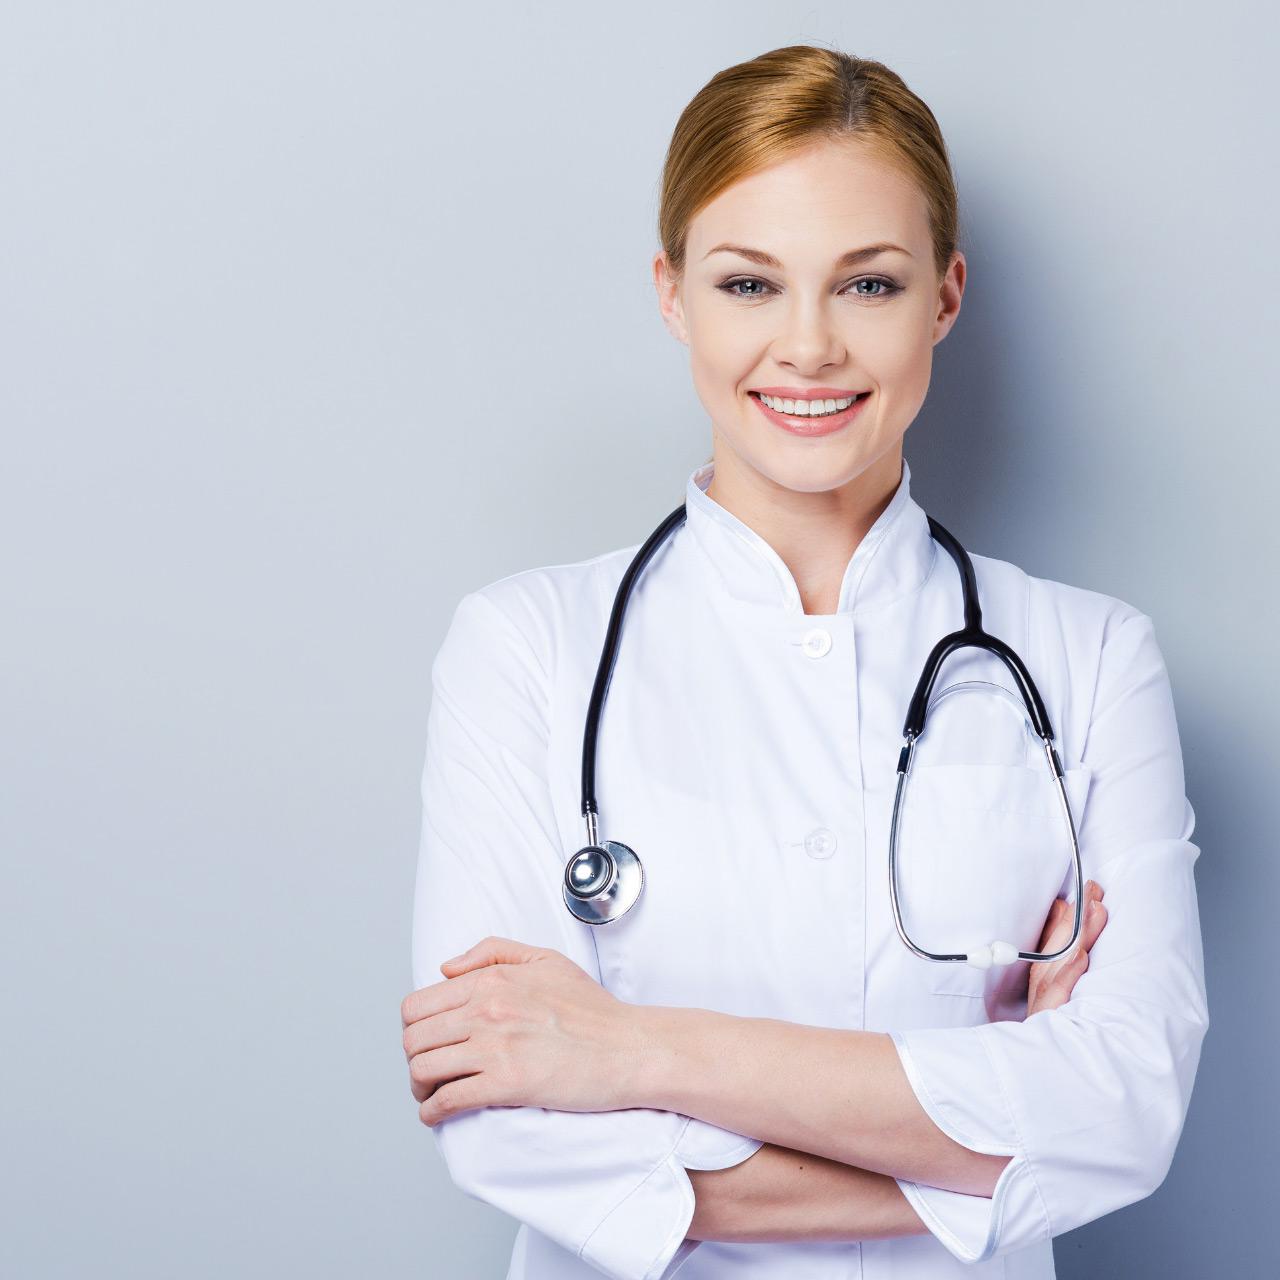 private-krankenversicherung-1280x1280px